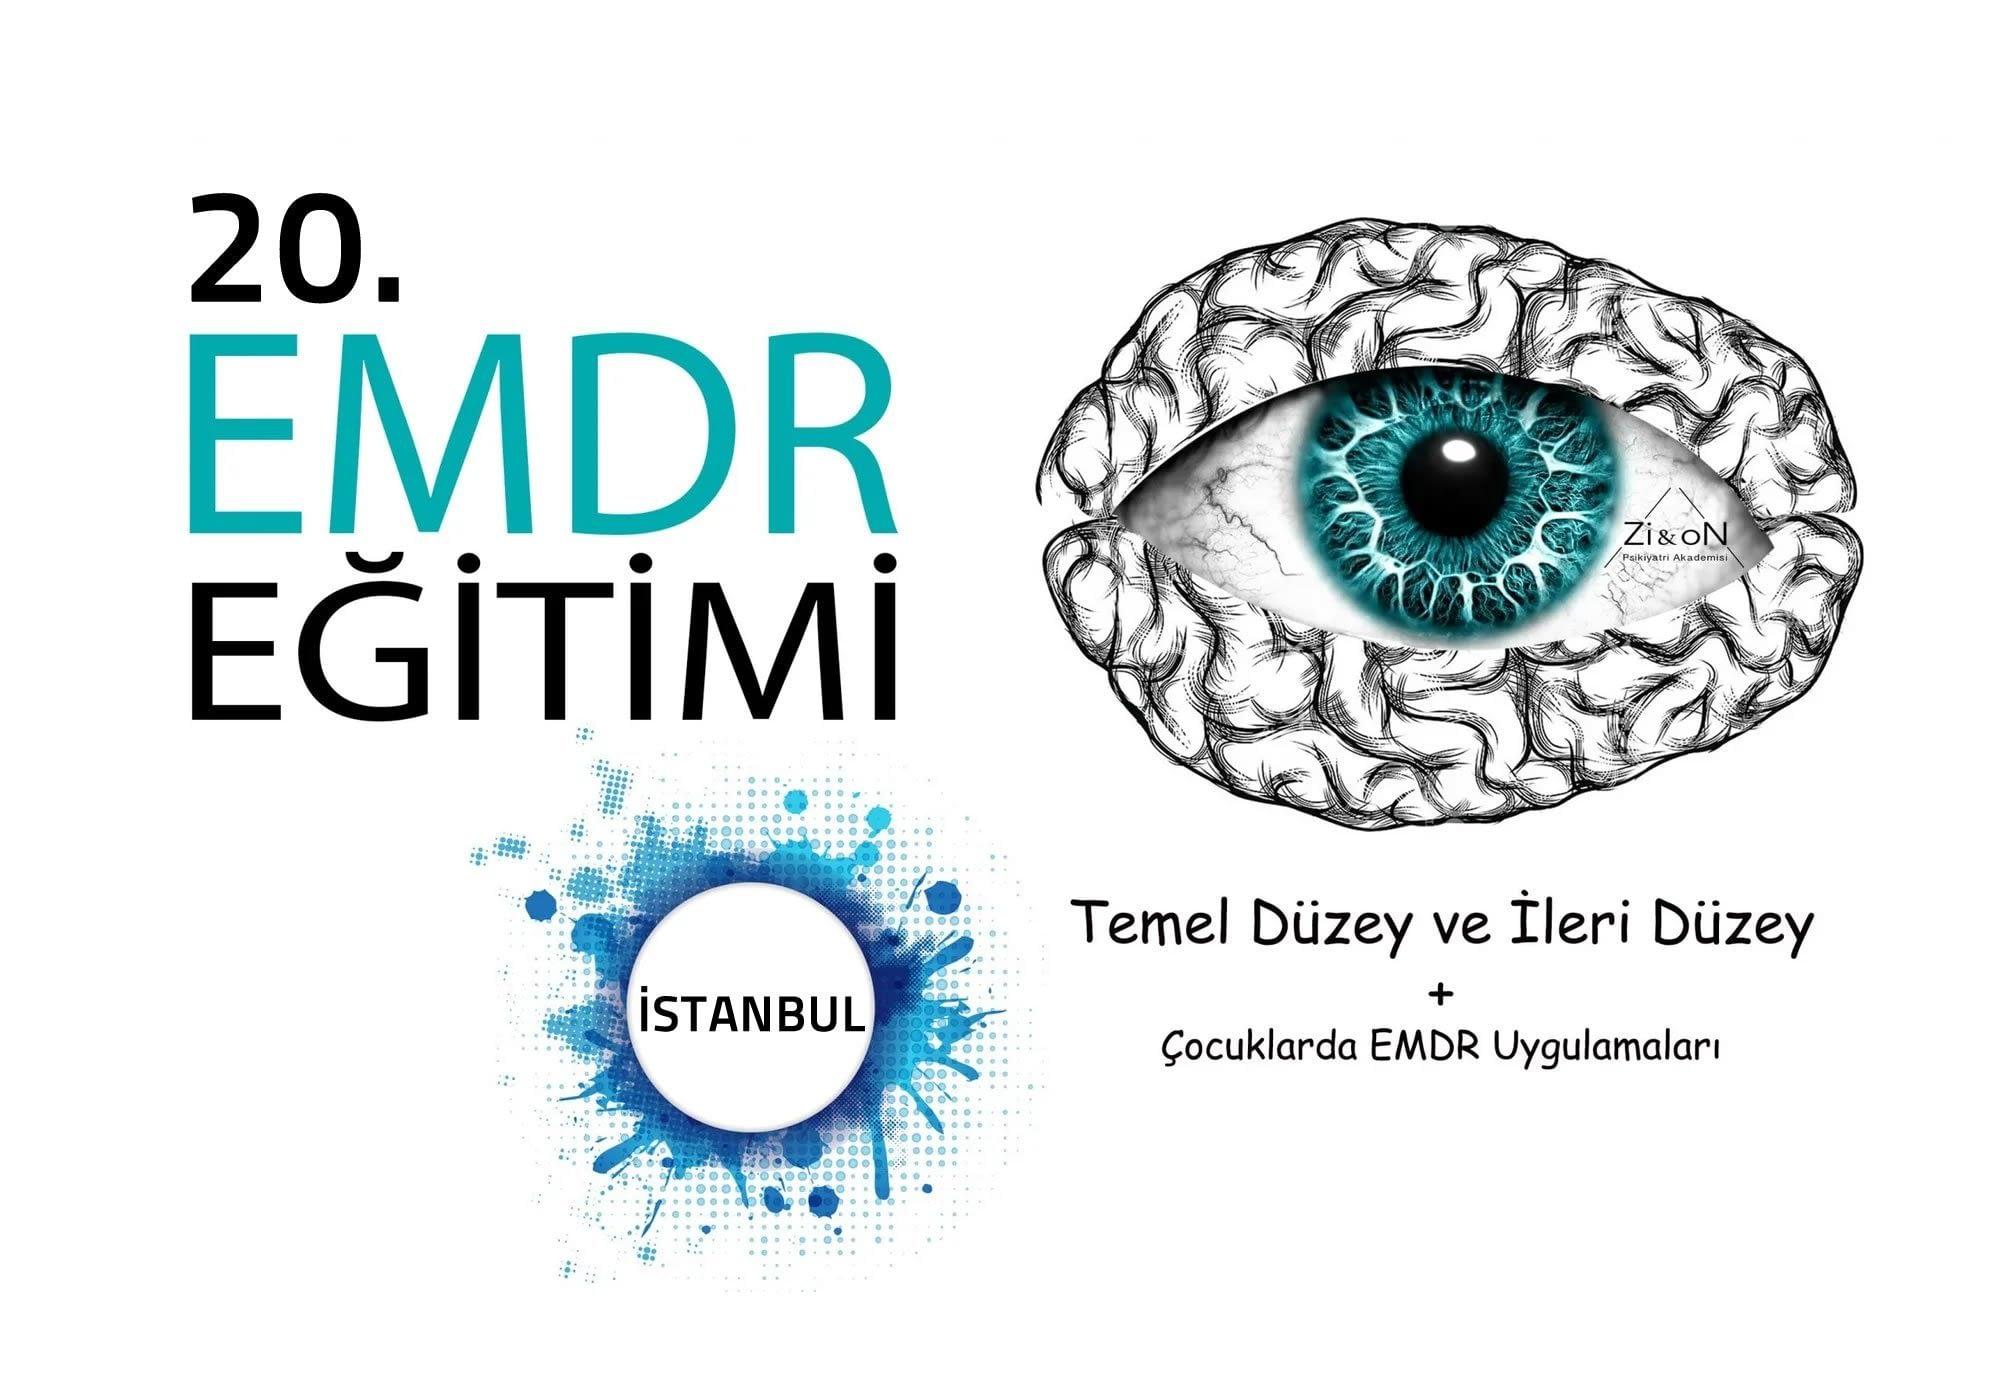 Emdr Egitimi 2020 Istanbul